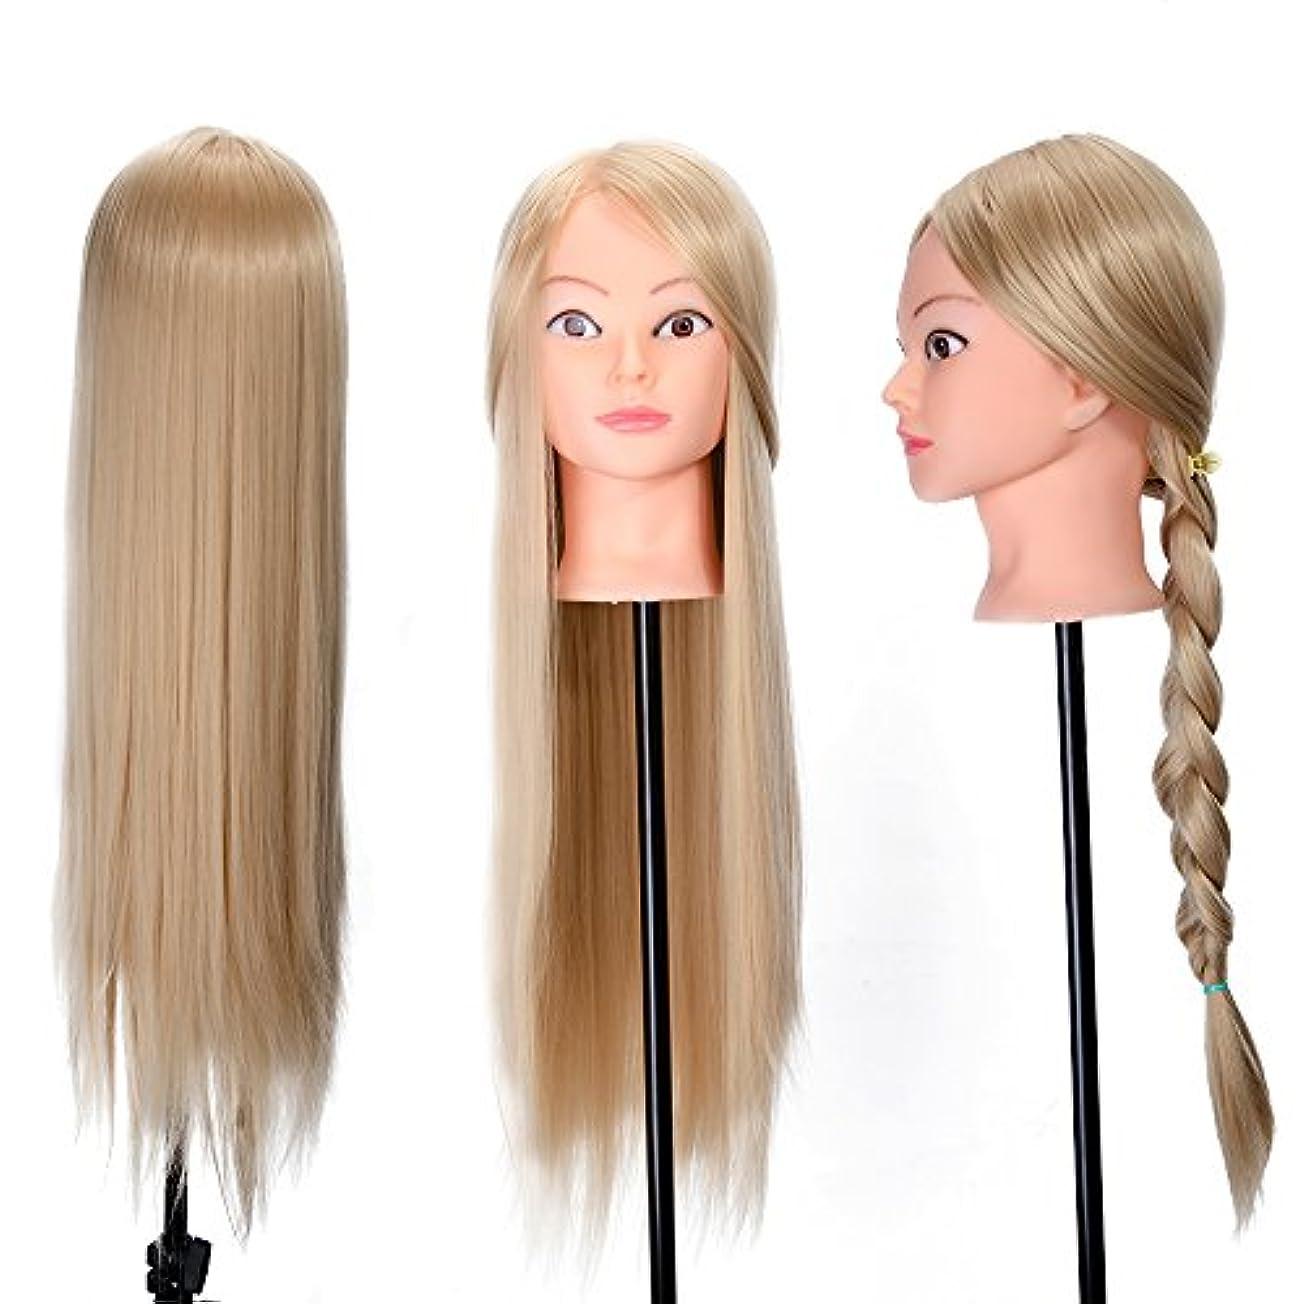 気性空中義務26インチトレーニングヘッドヘア編組モデルヘアスタイル人形でテーブルクランプサロンスタイリングデザインマネキンダミーヘッド